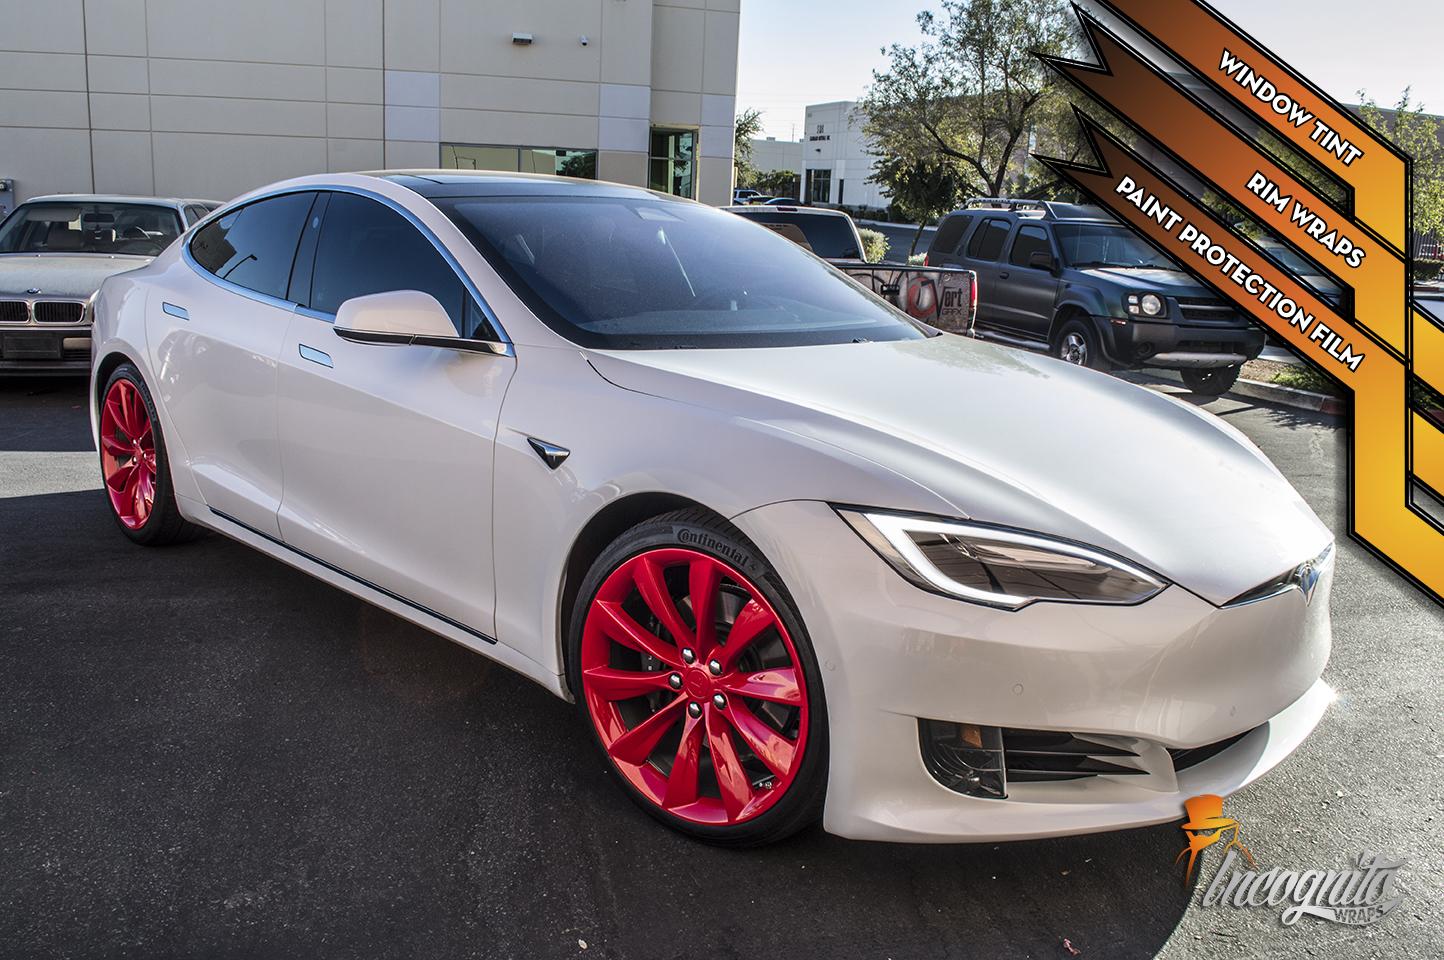 Tesla Model S - Carmine Red Rims